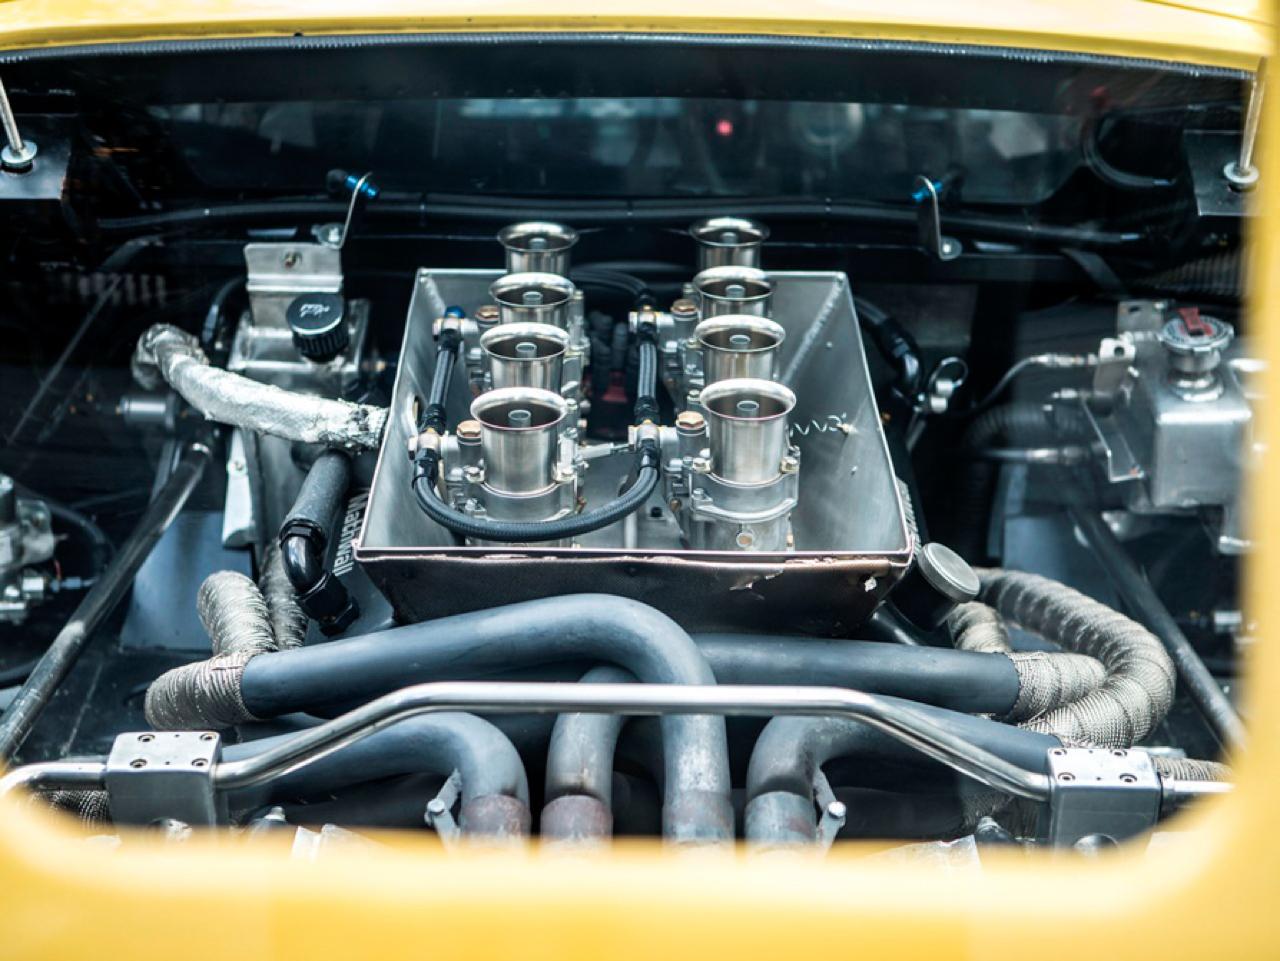 '68 Ford GT40 - Racing queen... 40